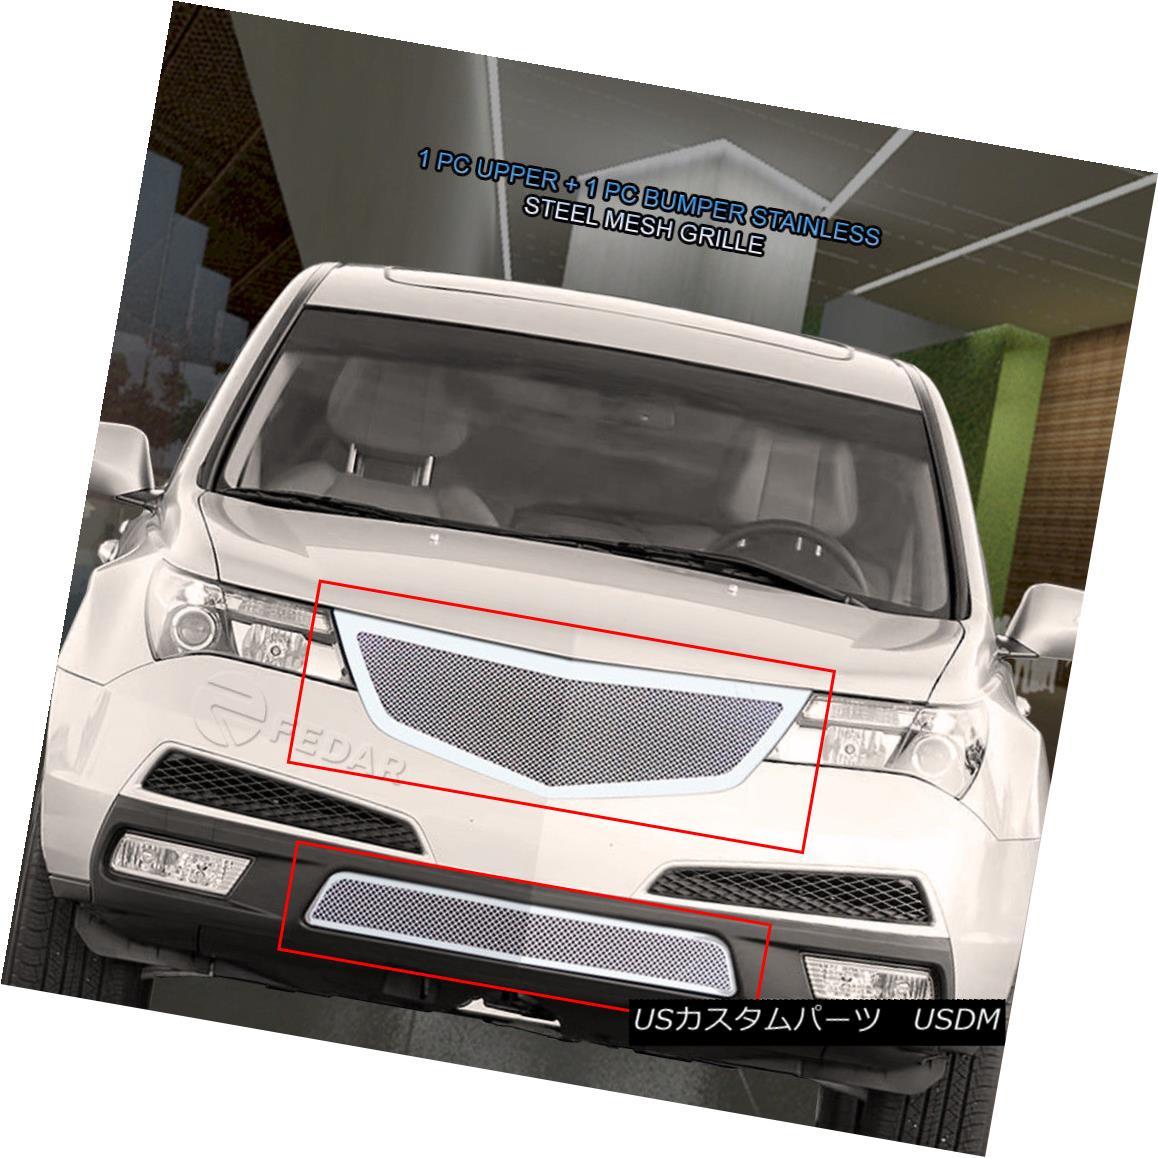 グリル Fedar Fits 2010-2013 Acura MDX Chrome Replacement Wire Mesh Grille Combo Insert Fedarは2010-2013年を適合させるAcura MDXクロム交換ワイヤメッシュグリルコンボインサート